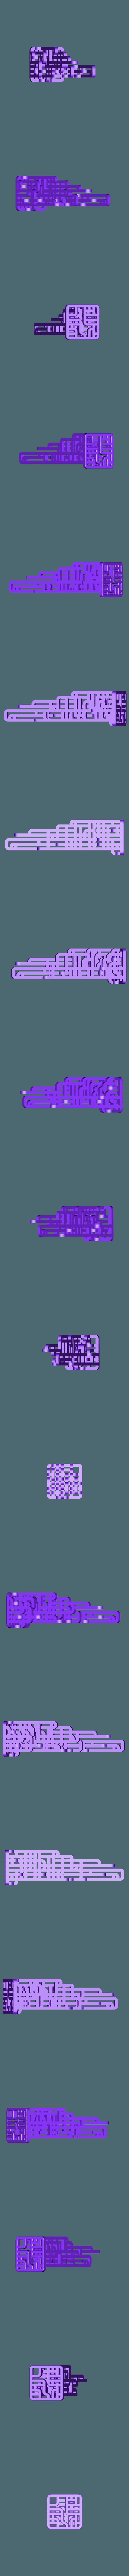 big4.stl Télécharger fichier STL gratuit Boucles de procédure • Design imprimable en 3D, ferjerez3d